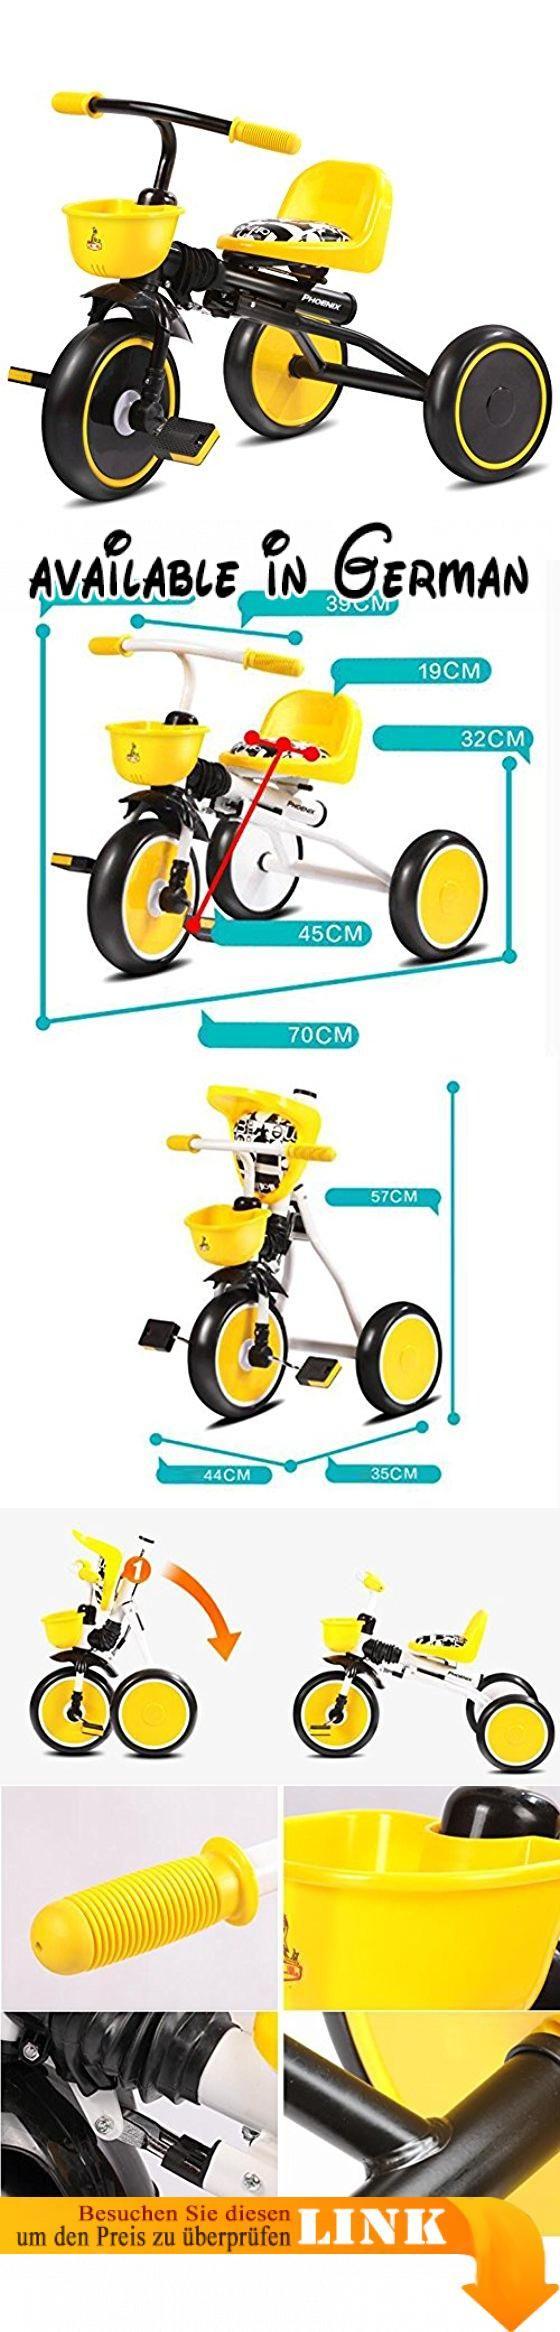 Die besten 25 schwarzlichtraum ideen auf pinterest schwarzlicht kinder dreirad baby kinderwagen fahrrad baby wagen falten licht parisarafo Gallery